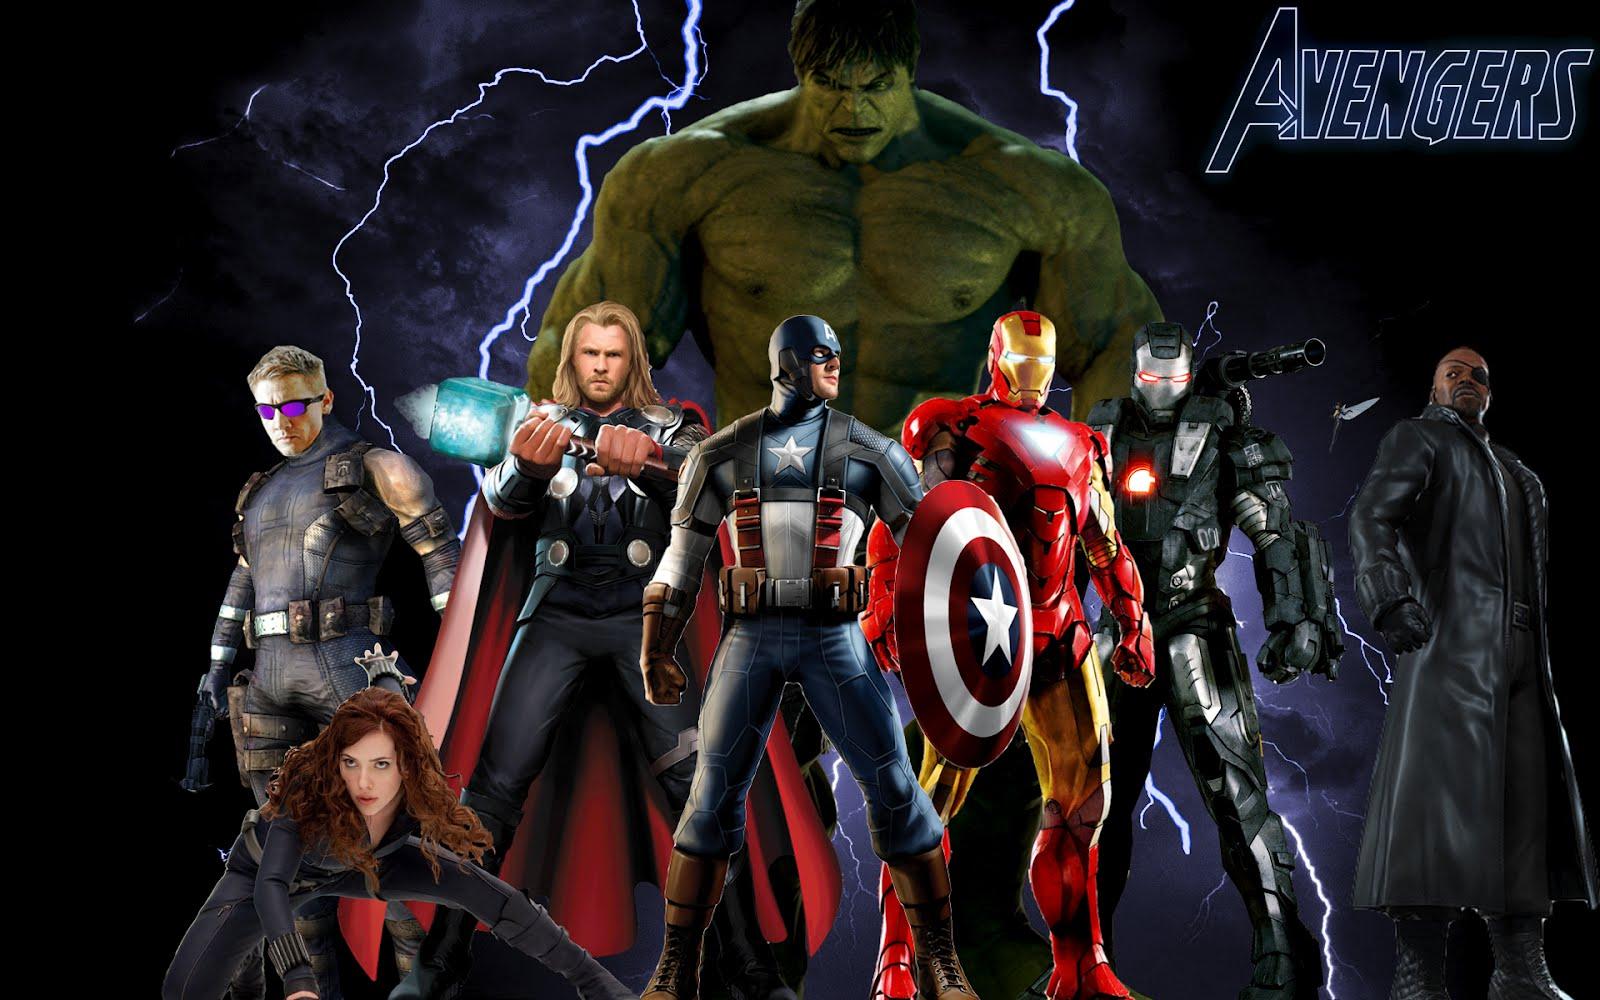 《復仇者聯盟》最新電影預告 Marvel Avengers Assemble (2012)